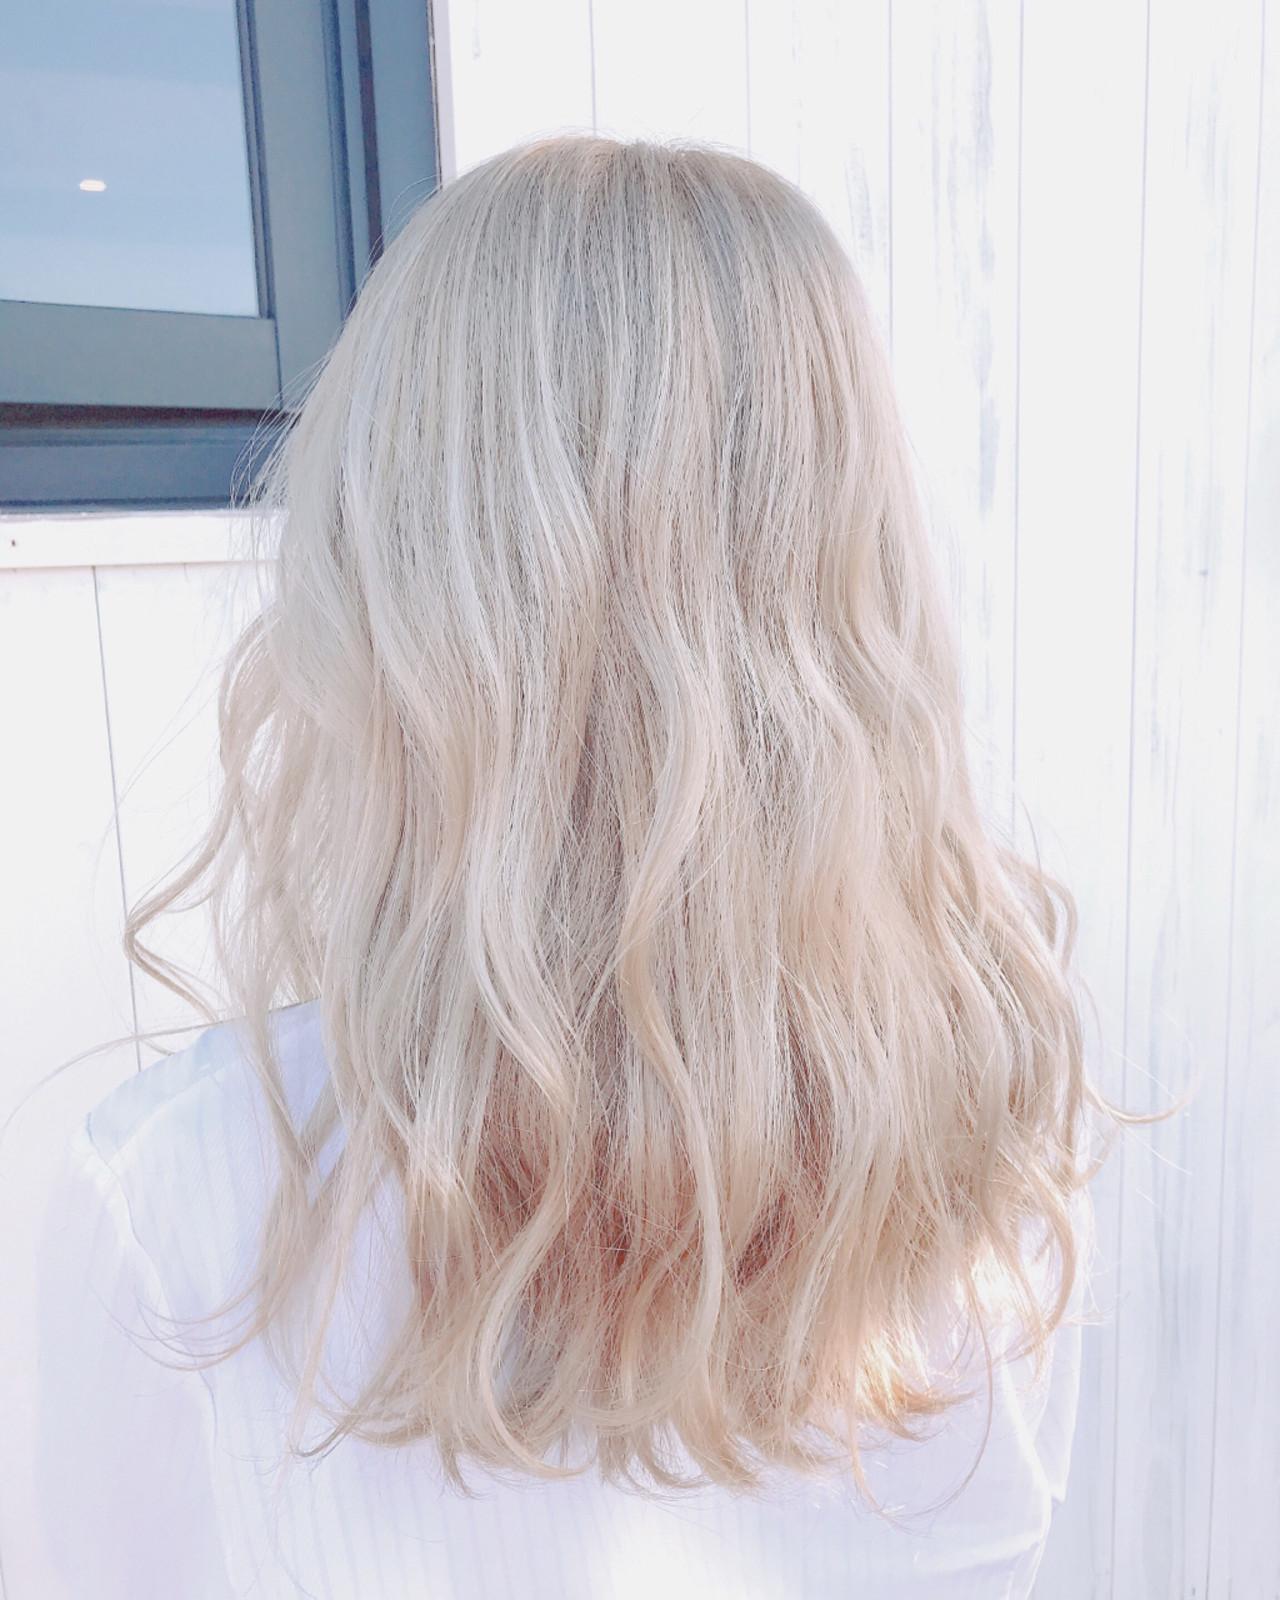 ストリート ホワイト グレージュ セミロング ヘアスタイルや髪型の写真・画像